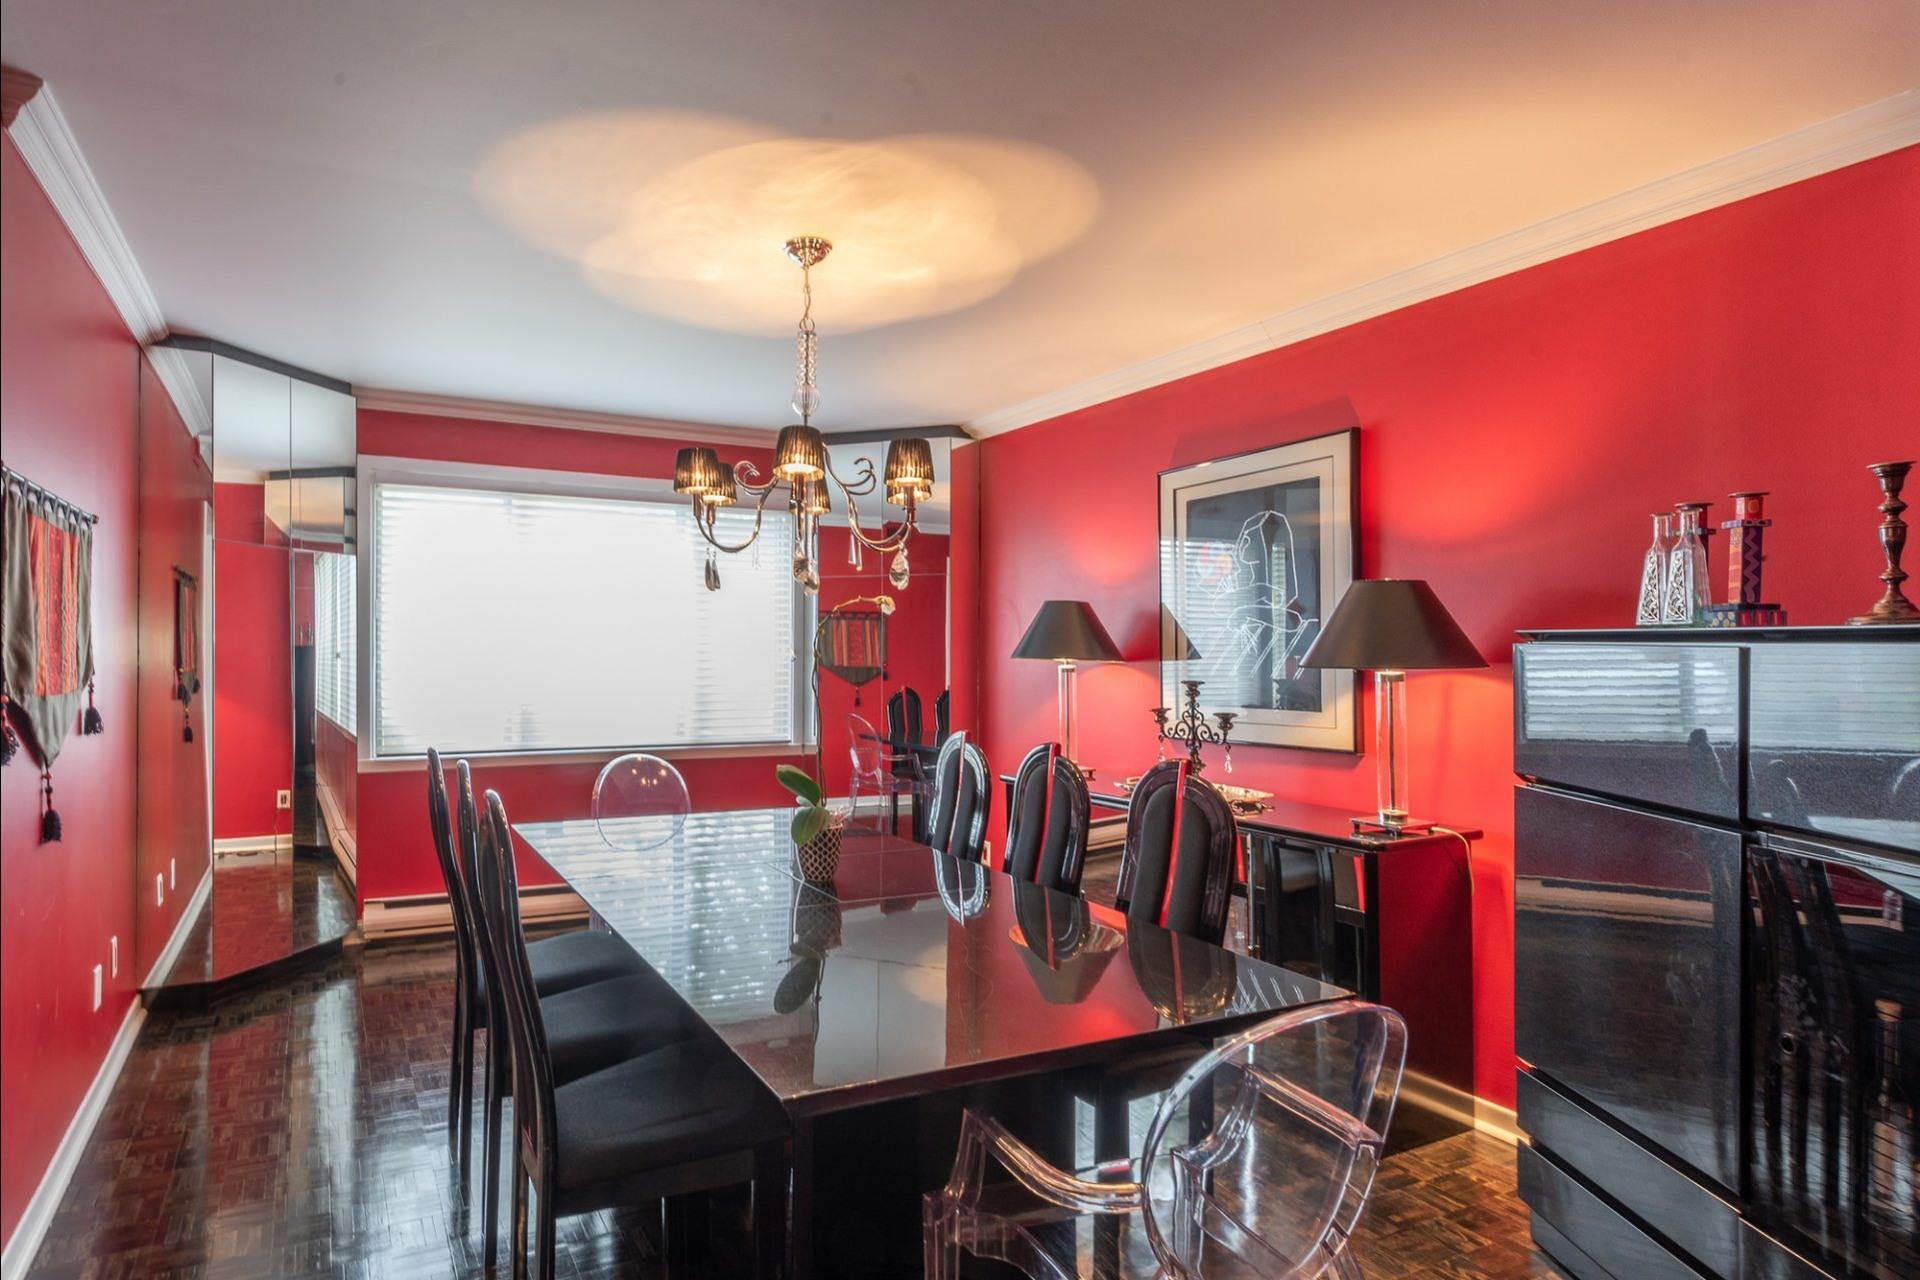 image 5 - House For sale Montréal Saint-Laurent  - 15 rooms